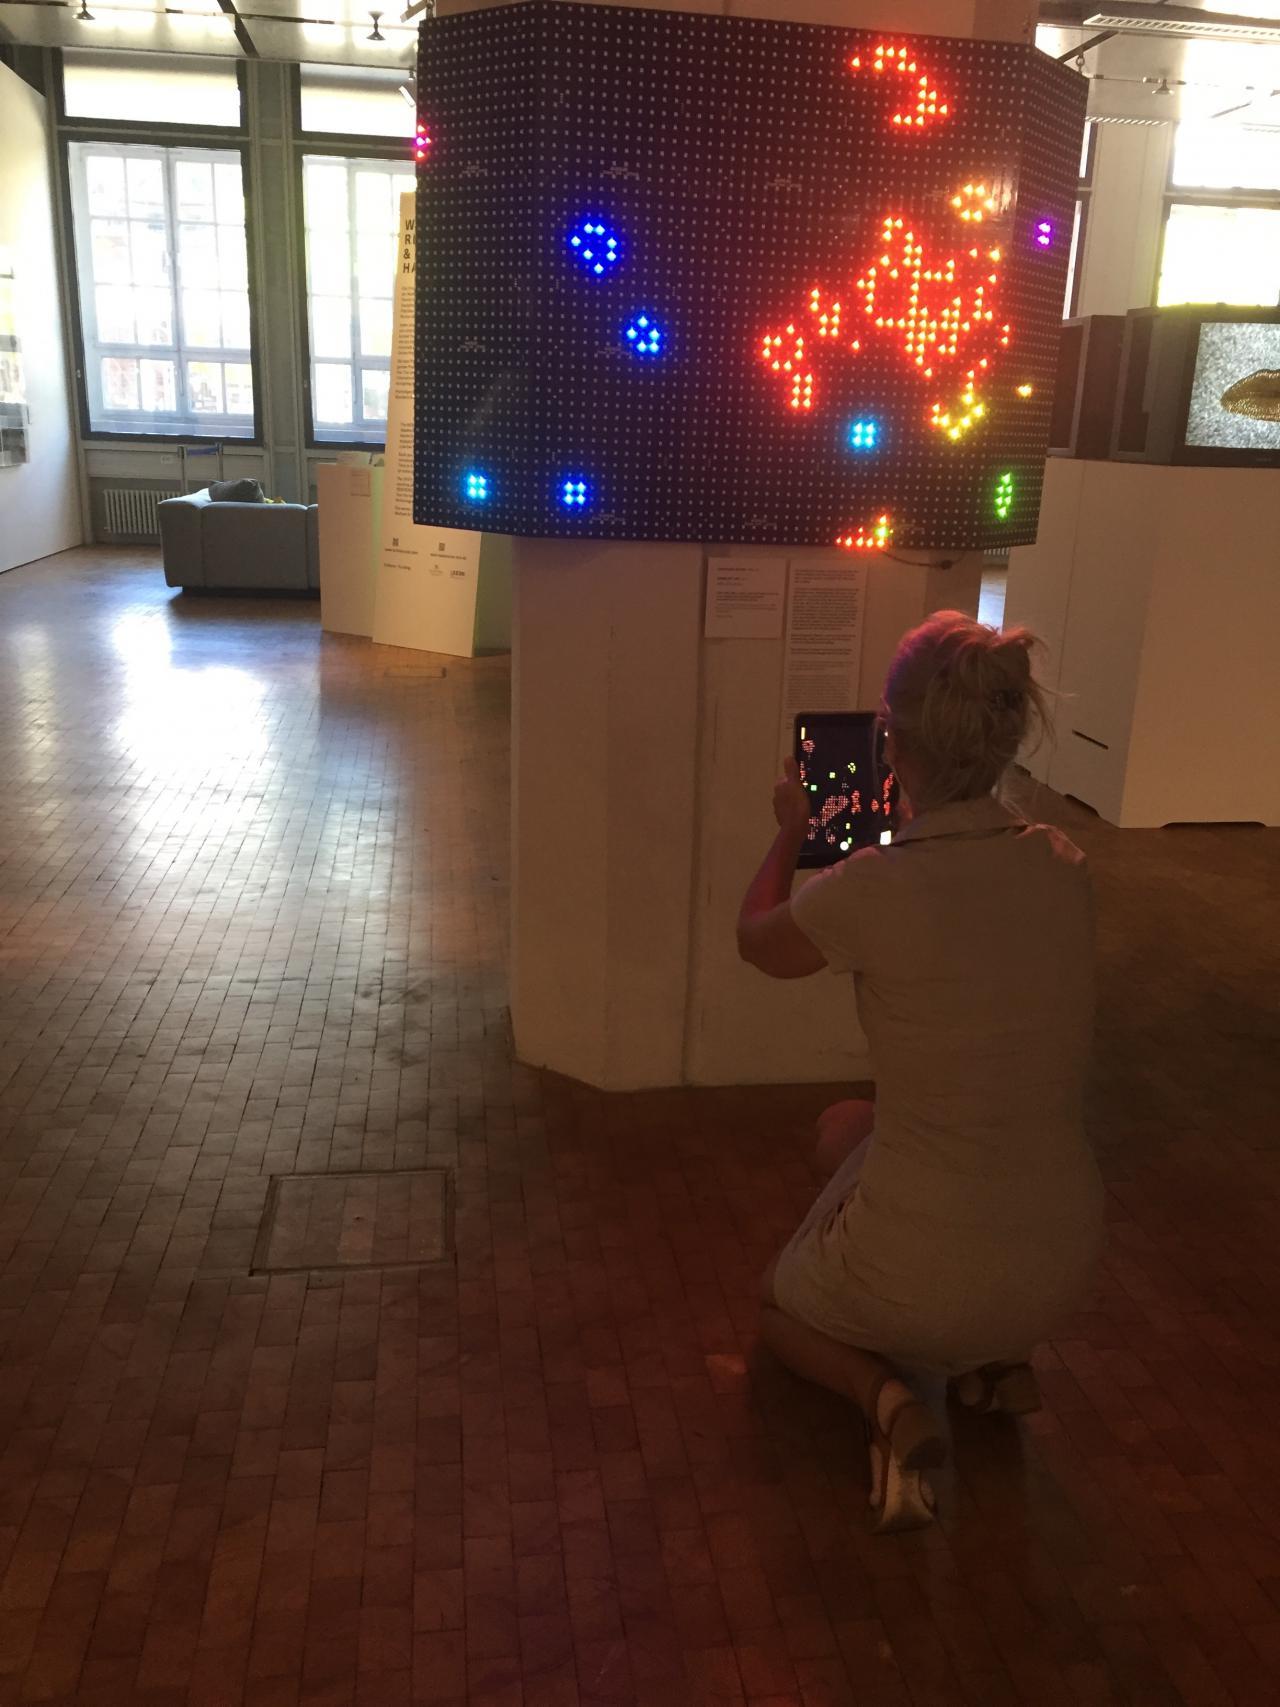 Zu sehen ist eine Frau, die vor einem Bildschirm kniet. In ihrer Hand hält sie ein iPad, das sie auf den Bildschirm gerichtet hast. Auf dem Bildschirm sind eingefärbte Pixelstrukturen zu erkennen.